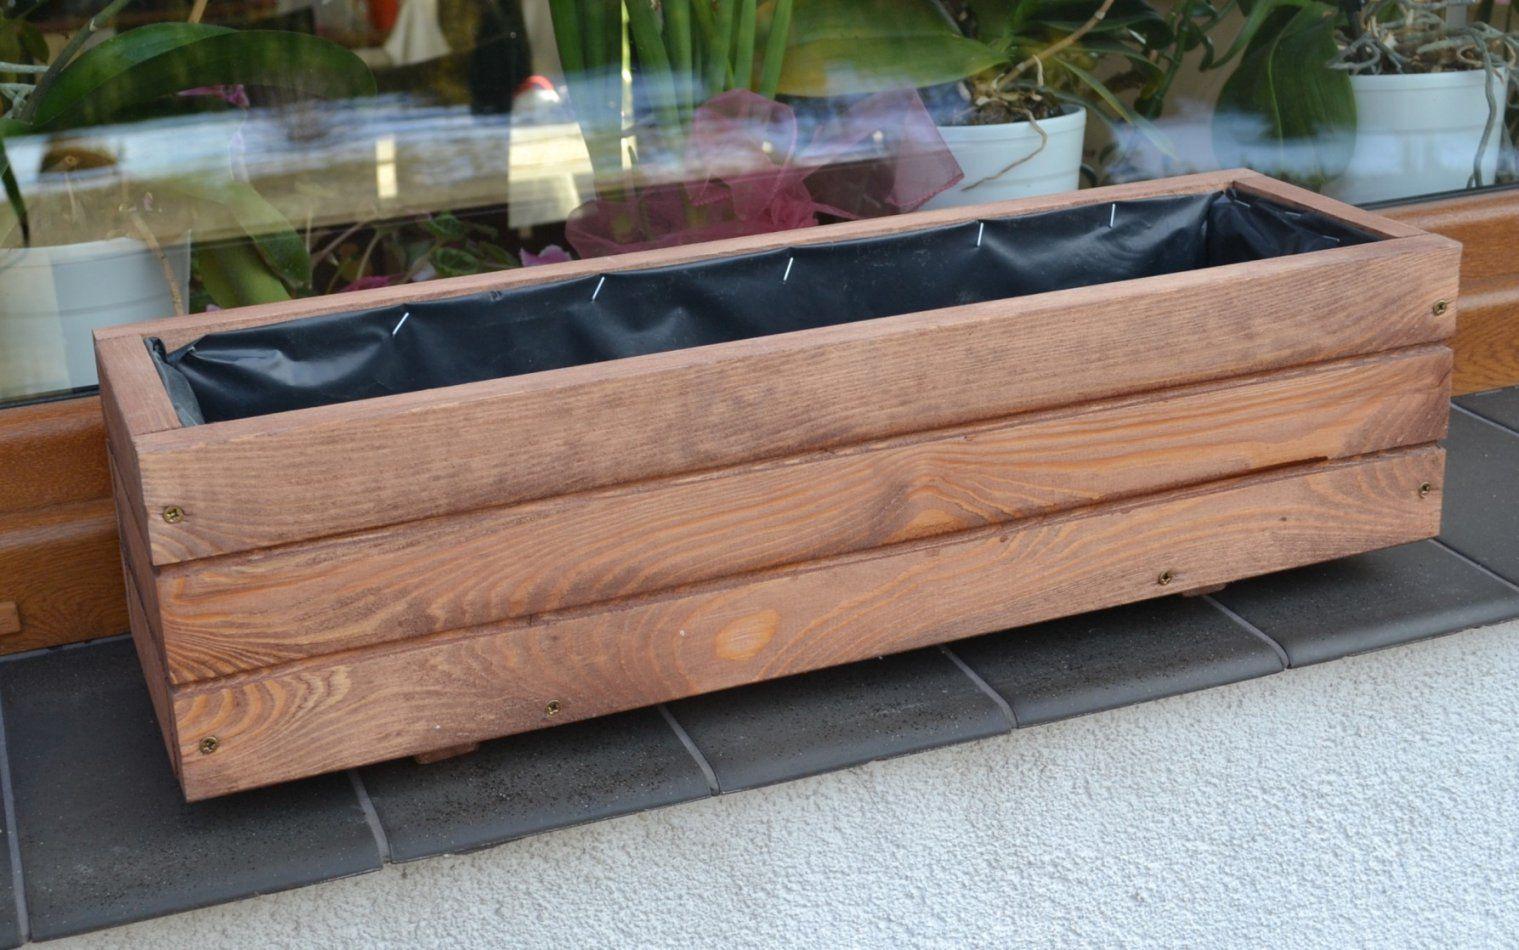 Pflanzkübel Holz D2 Pflanzkasten 80 100 Cm Xxl Blumenkasten Avec von Blumenkübel Selber Bauen Anleitung Bild